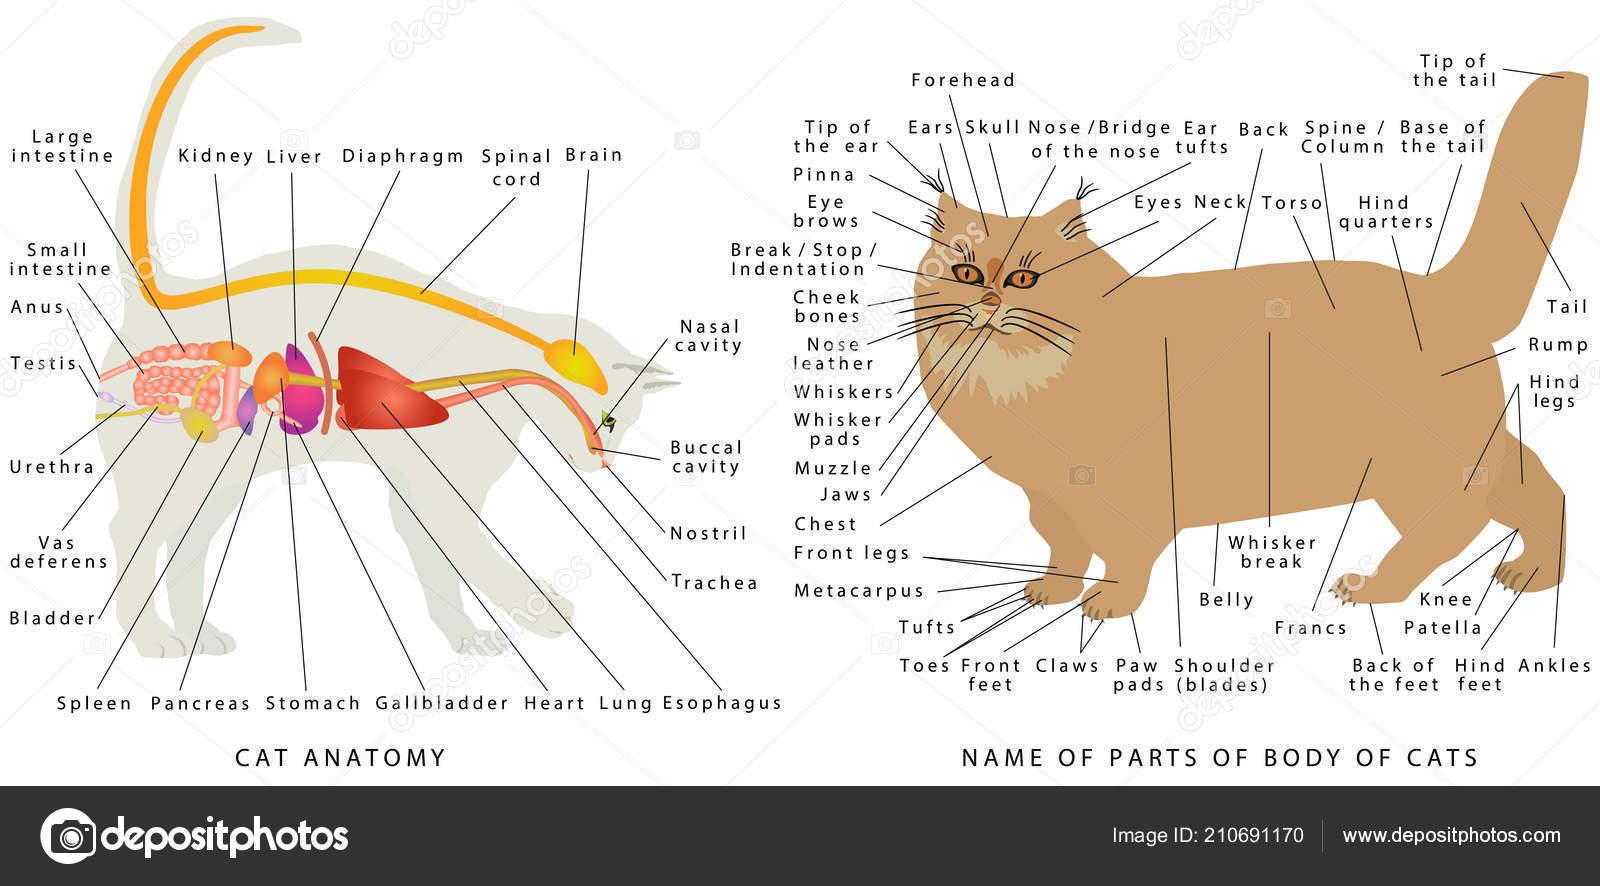 Anatomia Del Gato Anatomia Del Gato Domestico Esquema